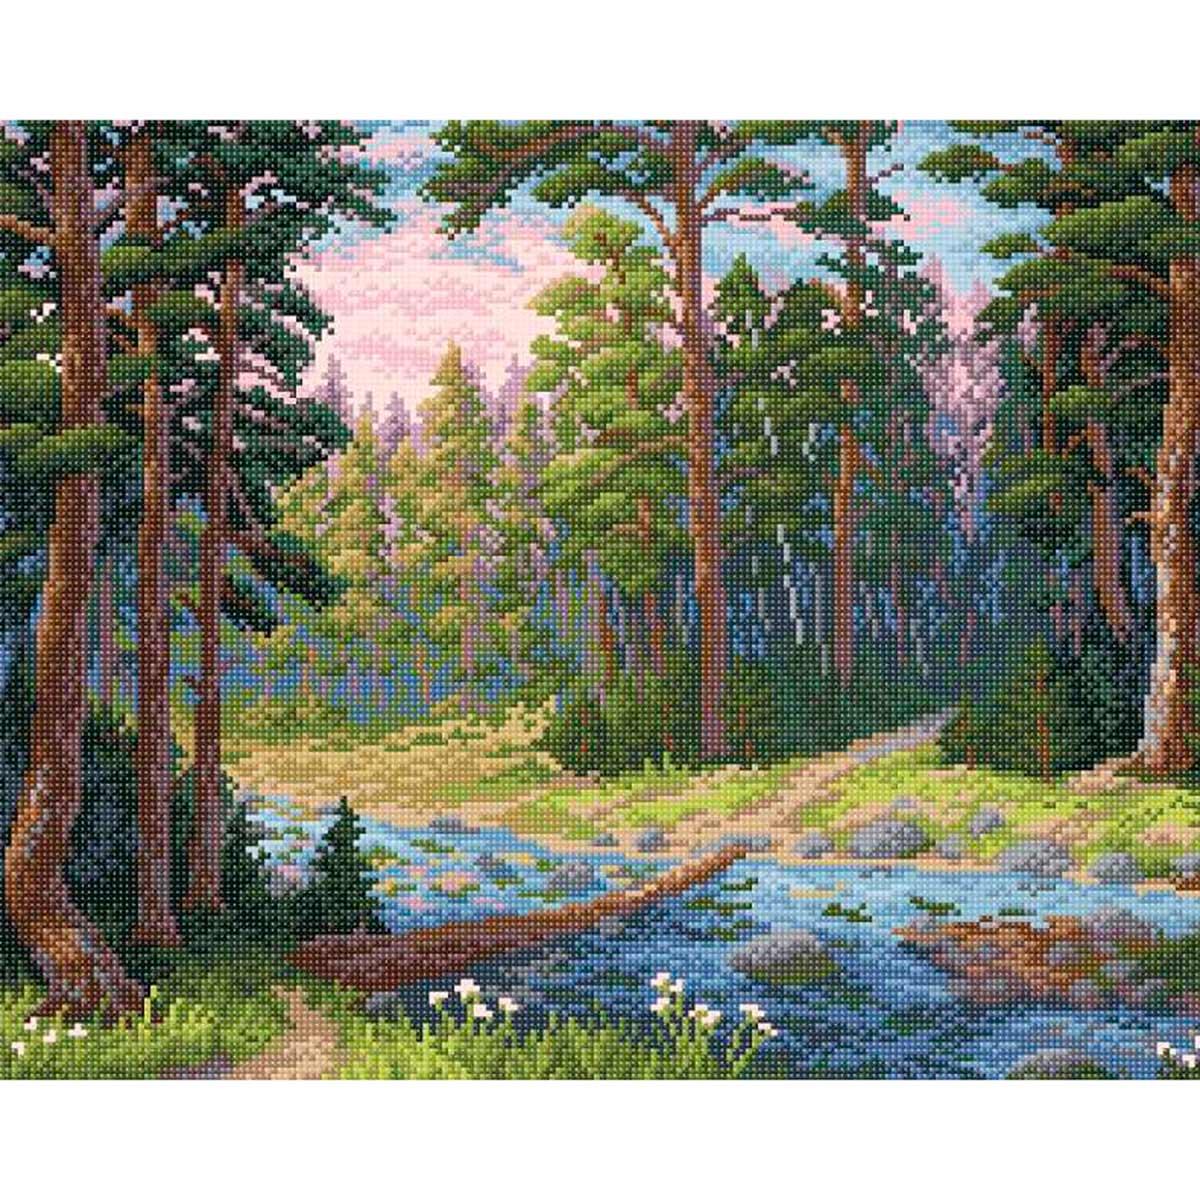 МС 003 Алмазная мозаика 'Лесная речка'48*38см Brilliart